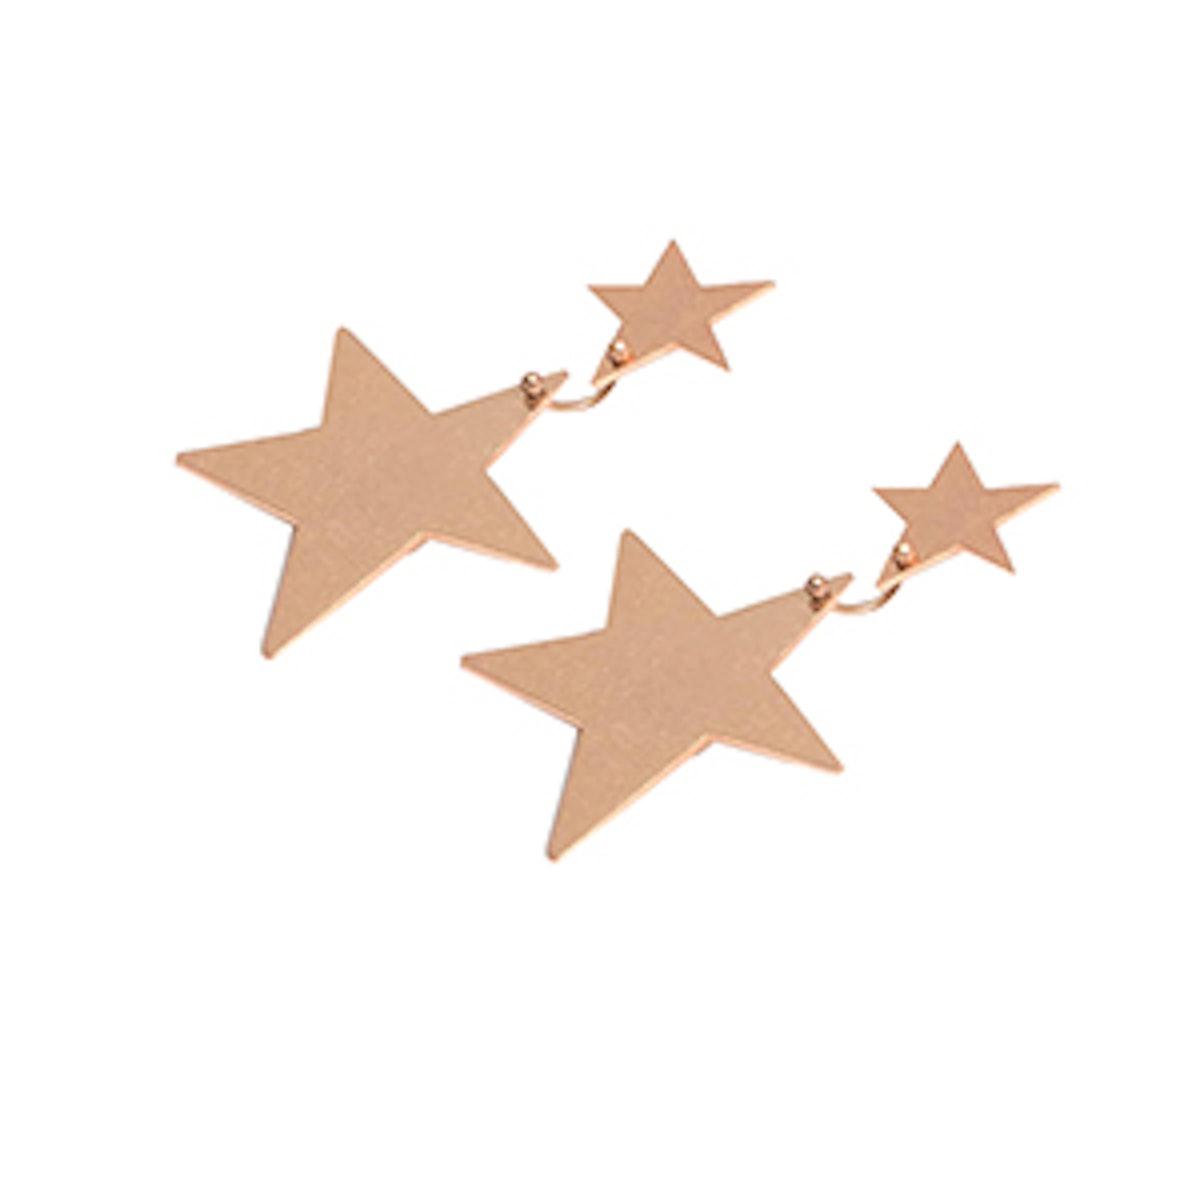 Star Statement Earrings